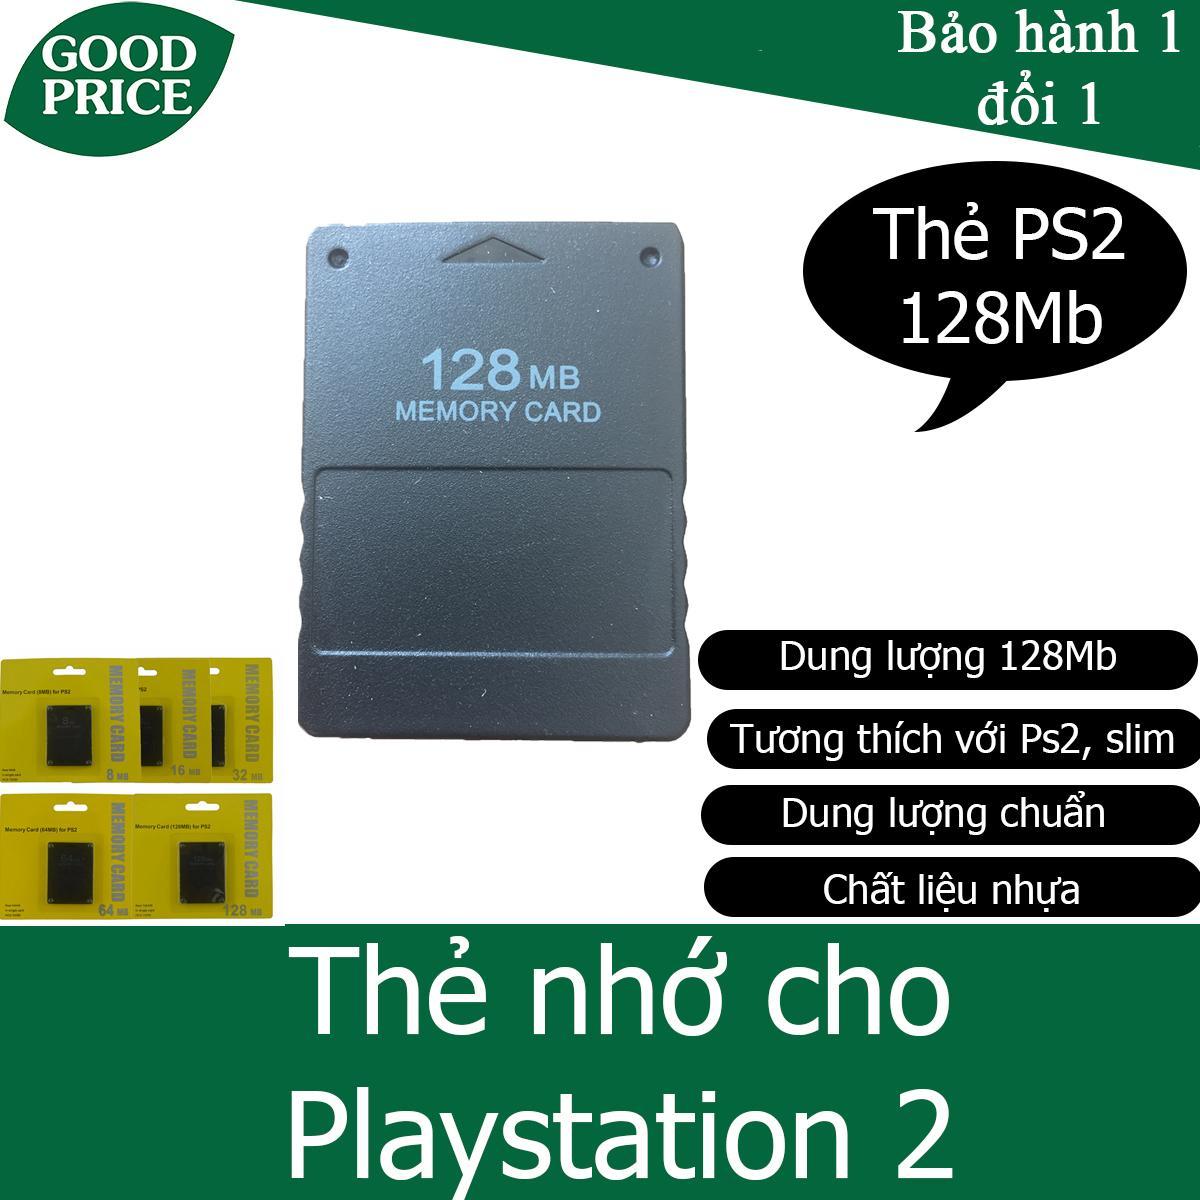 Thẻ nhớ Playstation 2 128Mb, thẻ nhớ PS2 128Mb